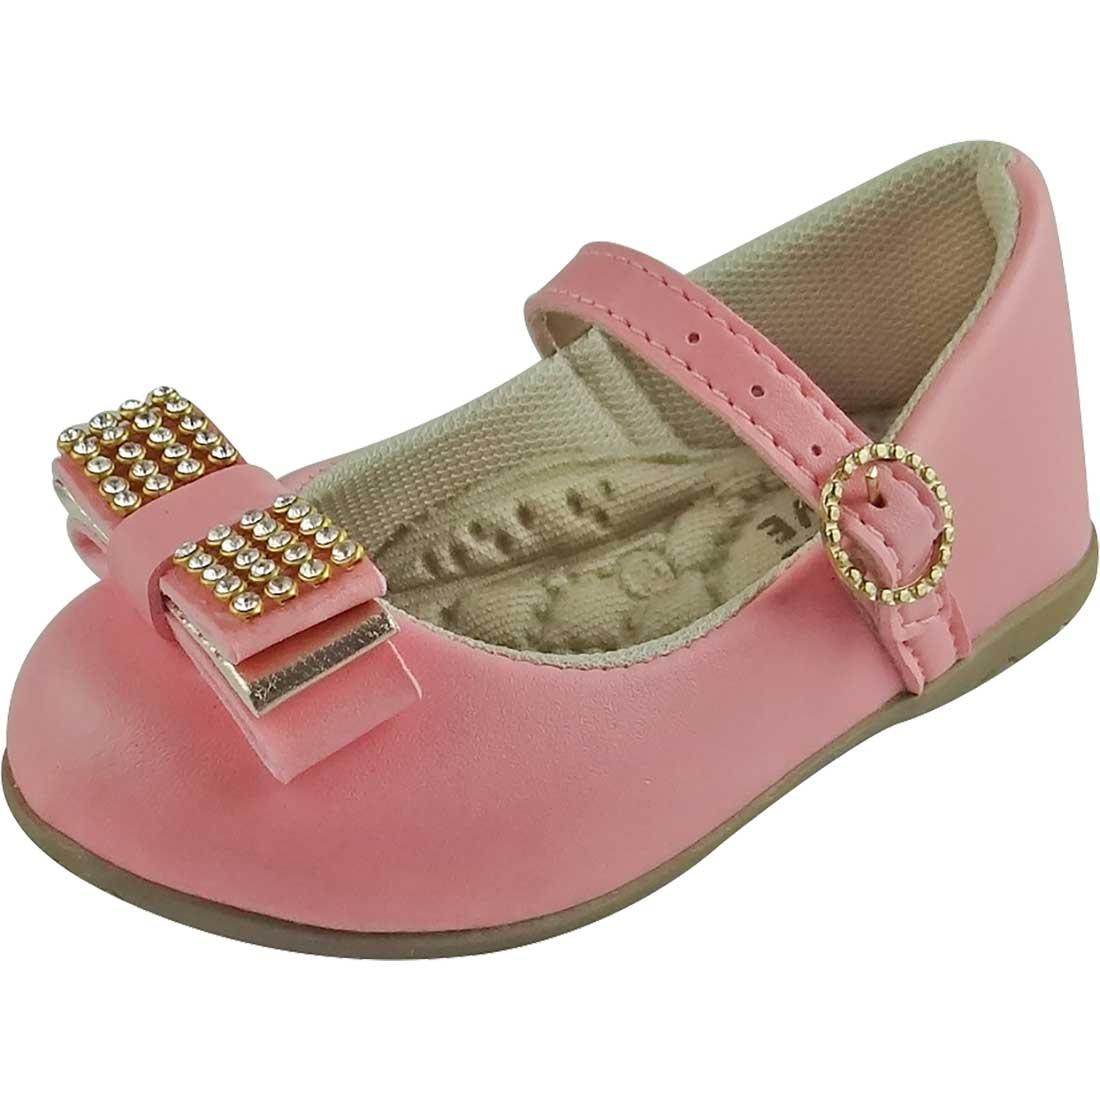 Sapato Boneca Baby com Laço e Strass - Rosa